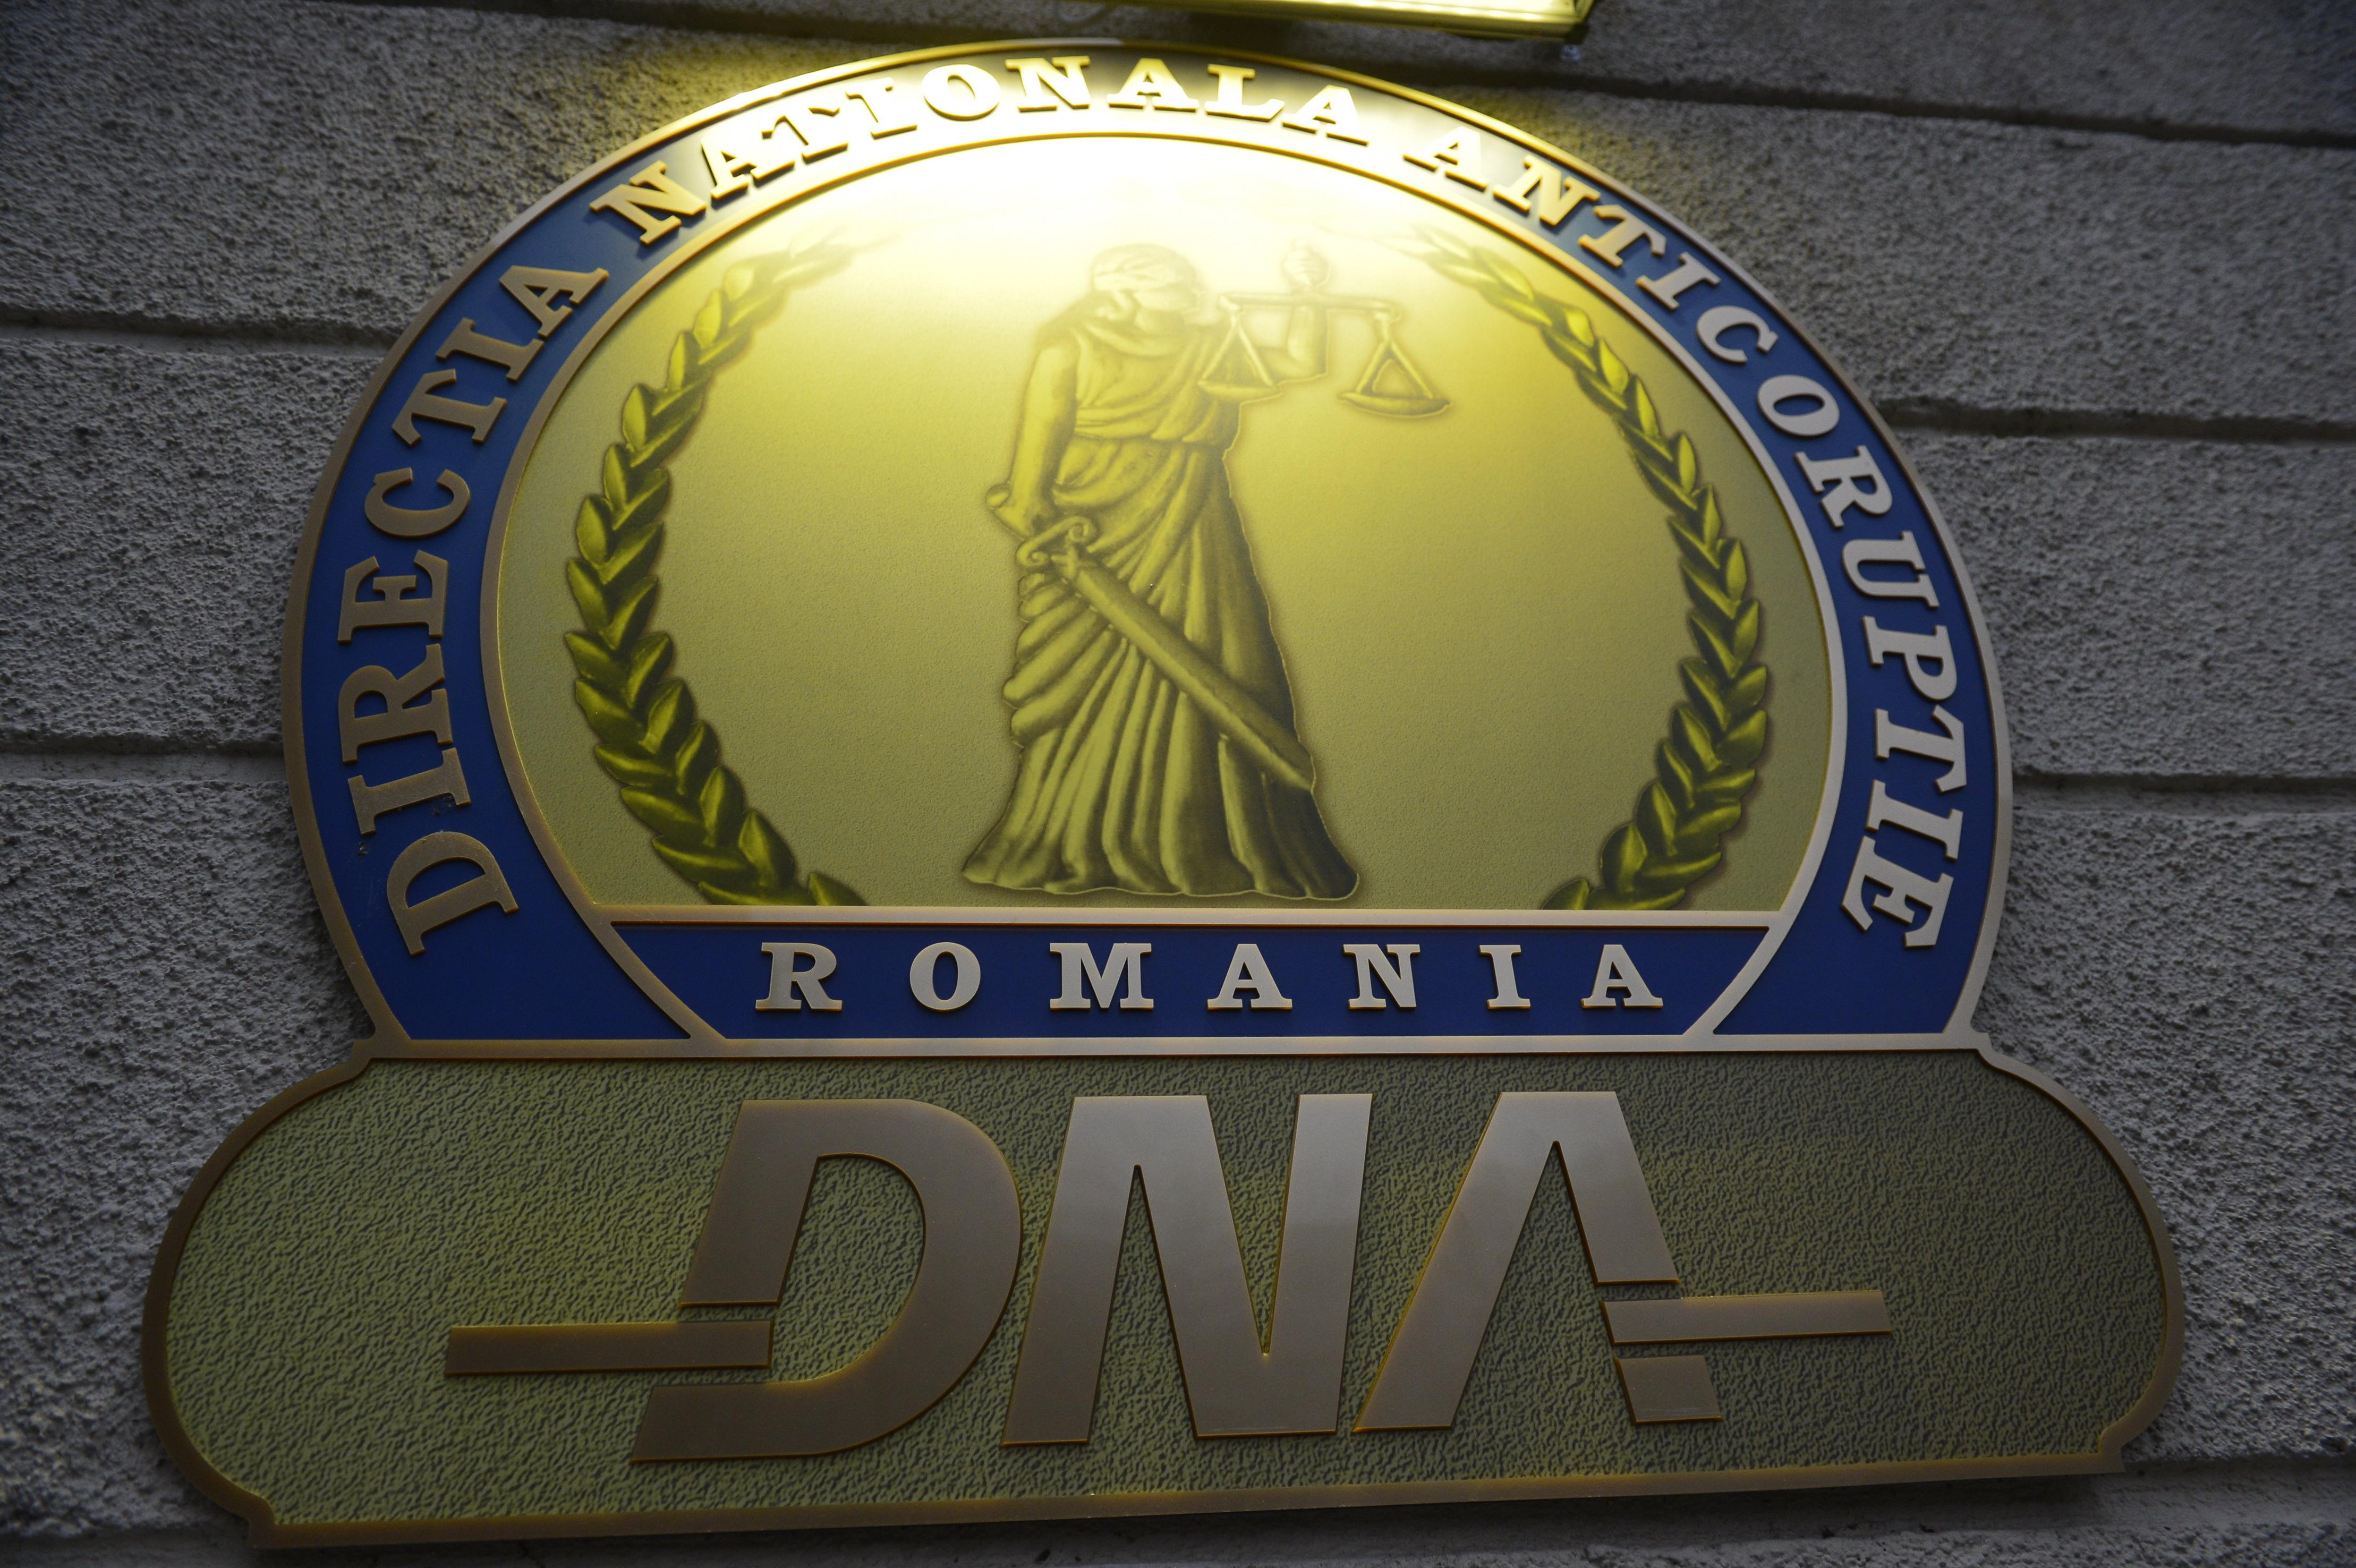 Plângere împotriva procurorului DNA Jean Uncheşelu, care ar fi şantajat un funcţionar, depusă la Parchetul General